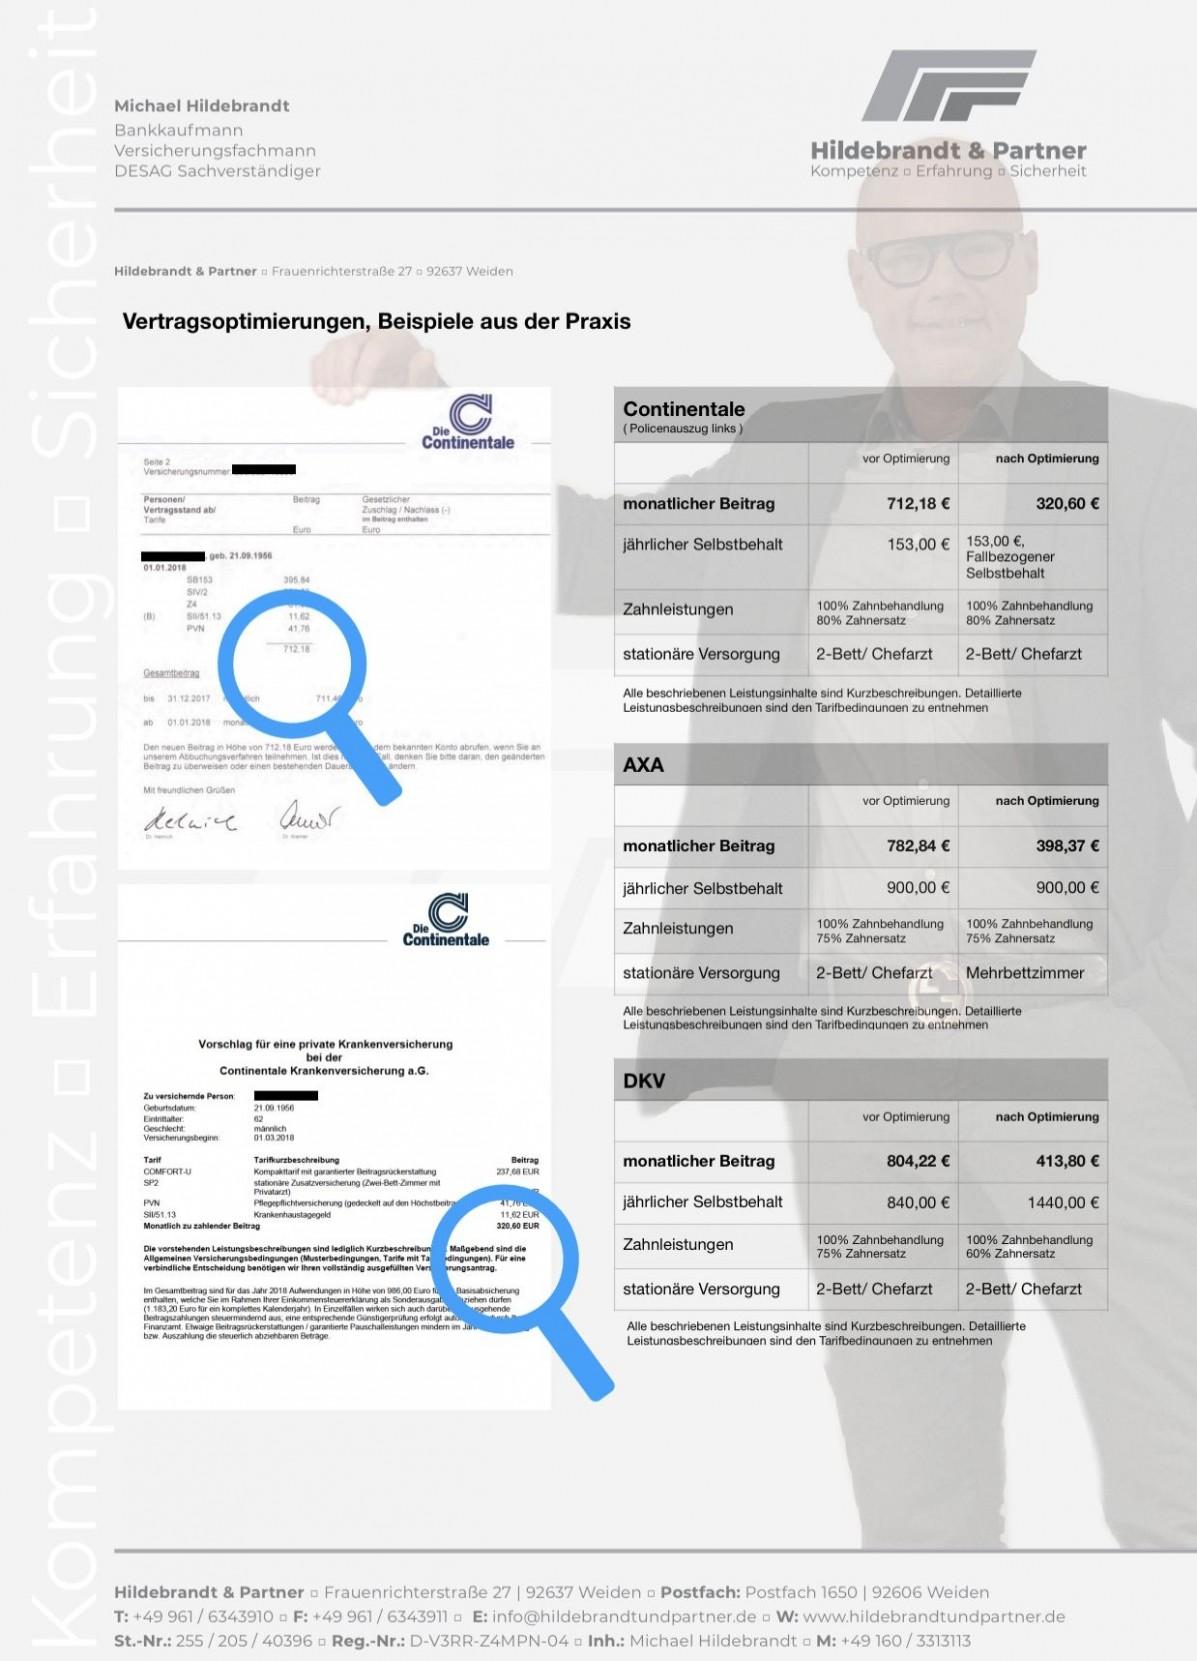 APP Hildebrandt Hildebrandt&Partner Versicherungsmakler Weiden Michael Hildebrandt Krankenversicherung Auslandsversicherung Zahnzusatzversicherung BU Unfallversicherung 92637